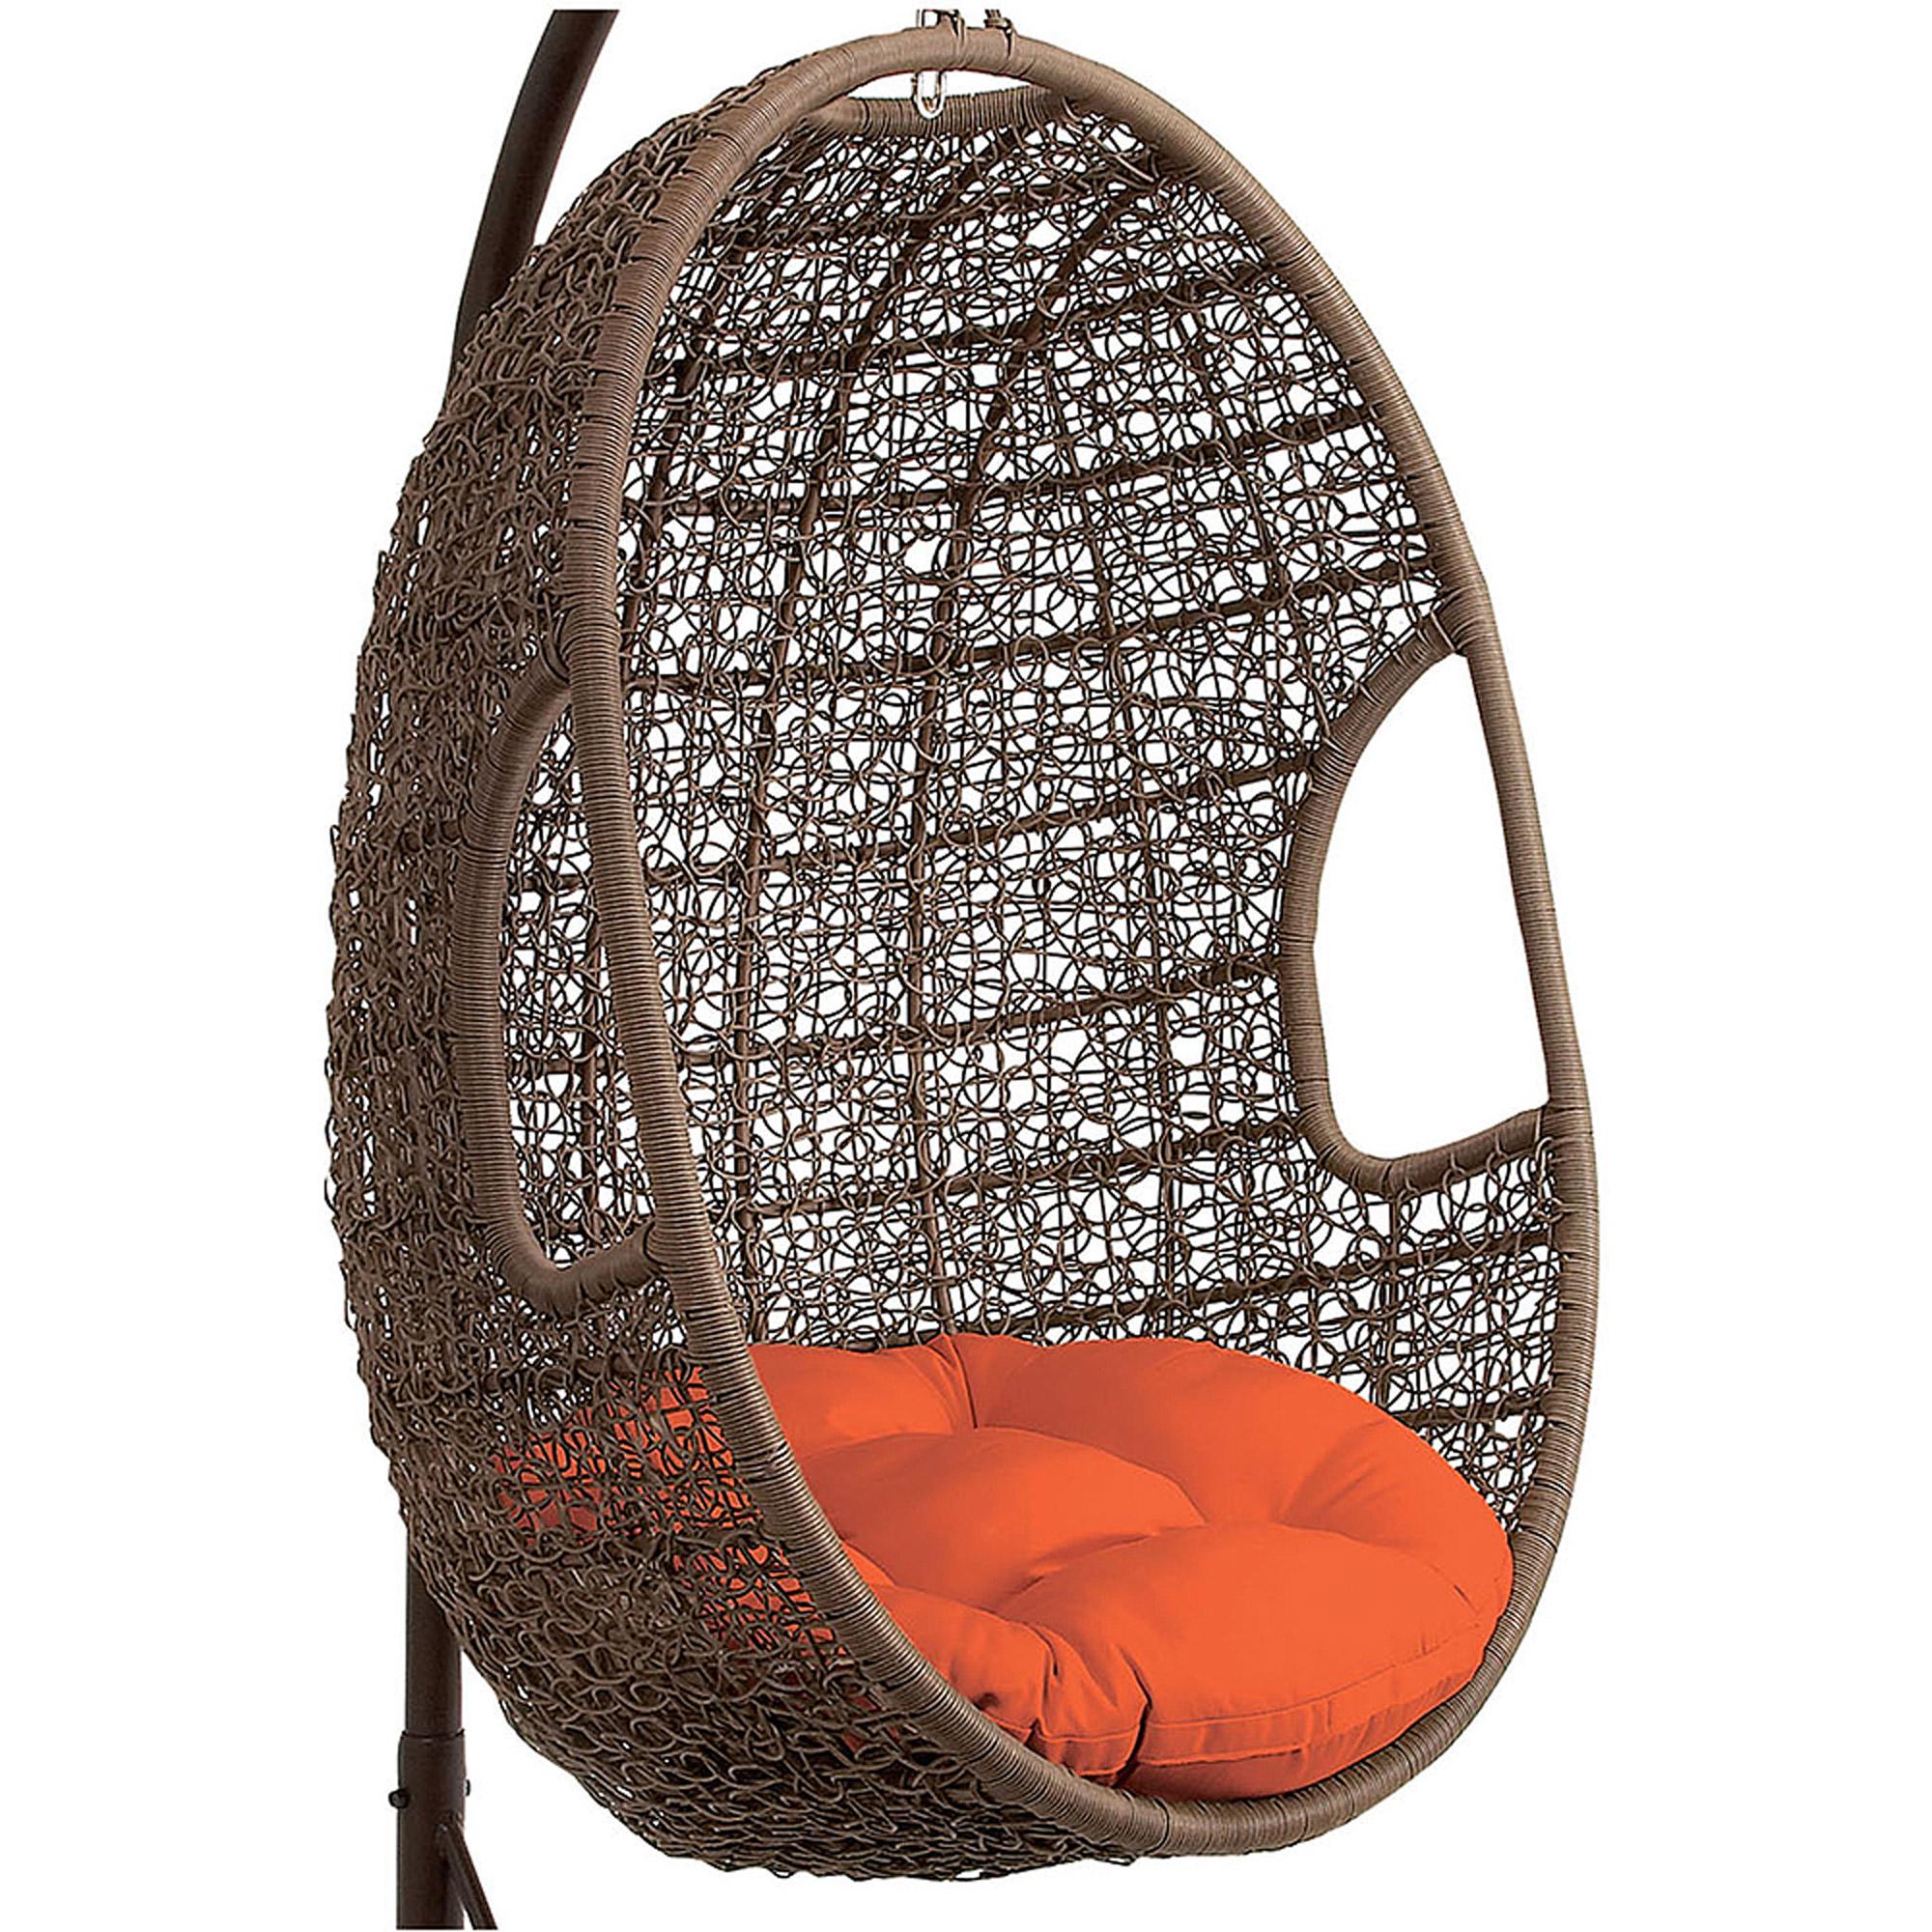 Hanover Outdoor Furniture Rattan Wicker   Walmart.com